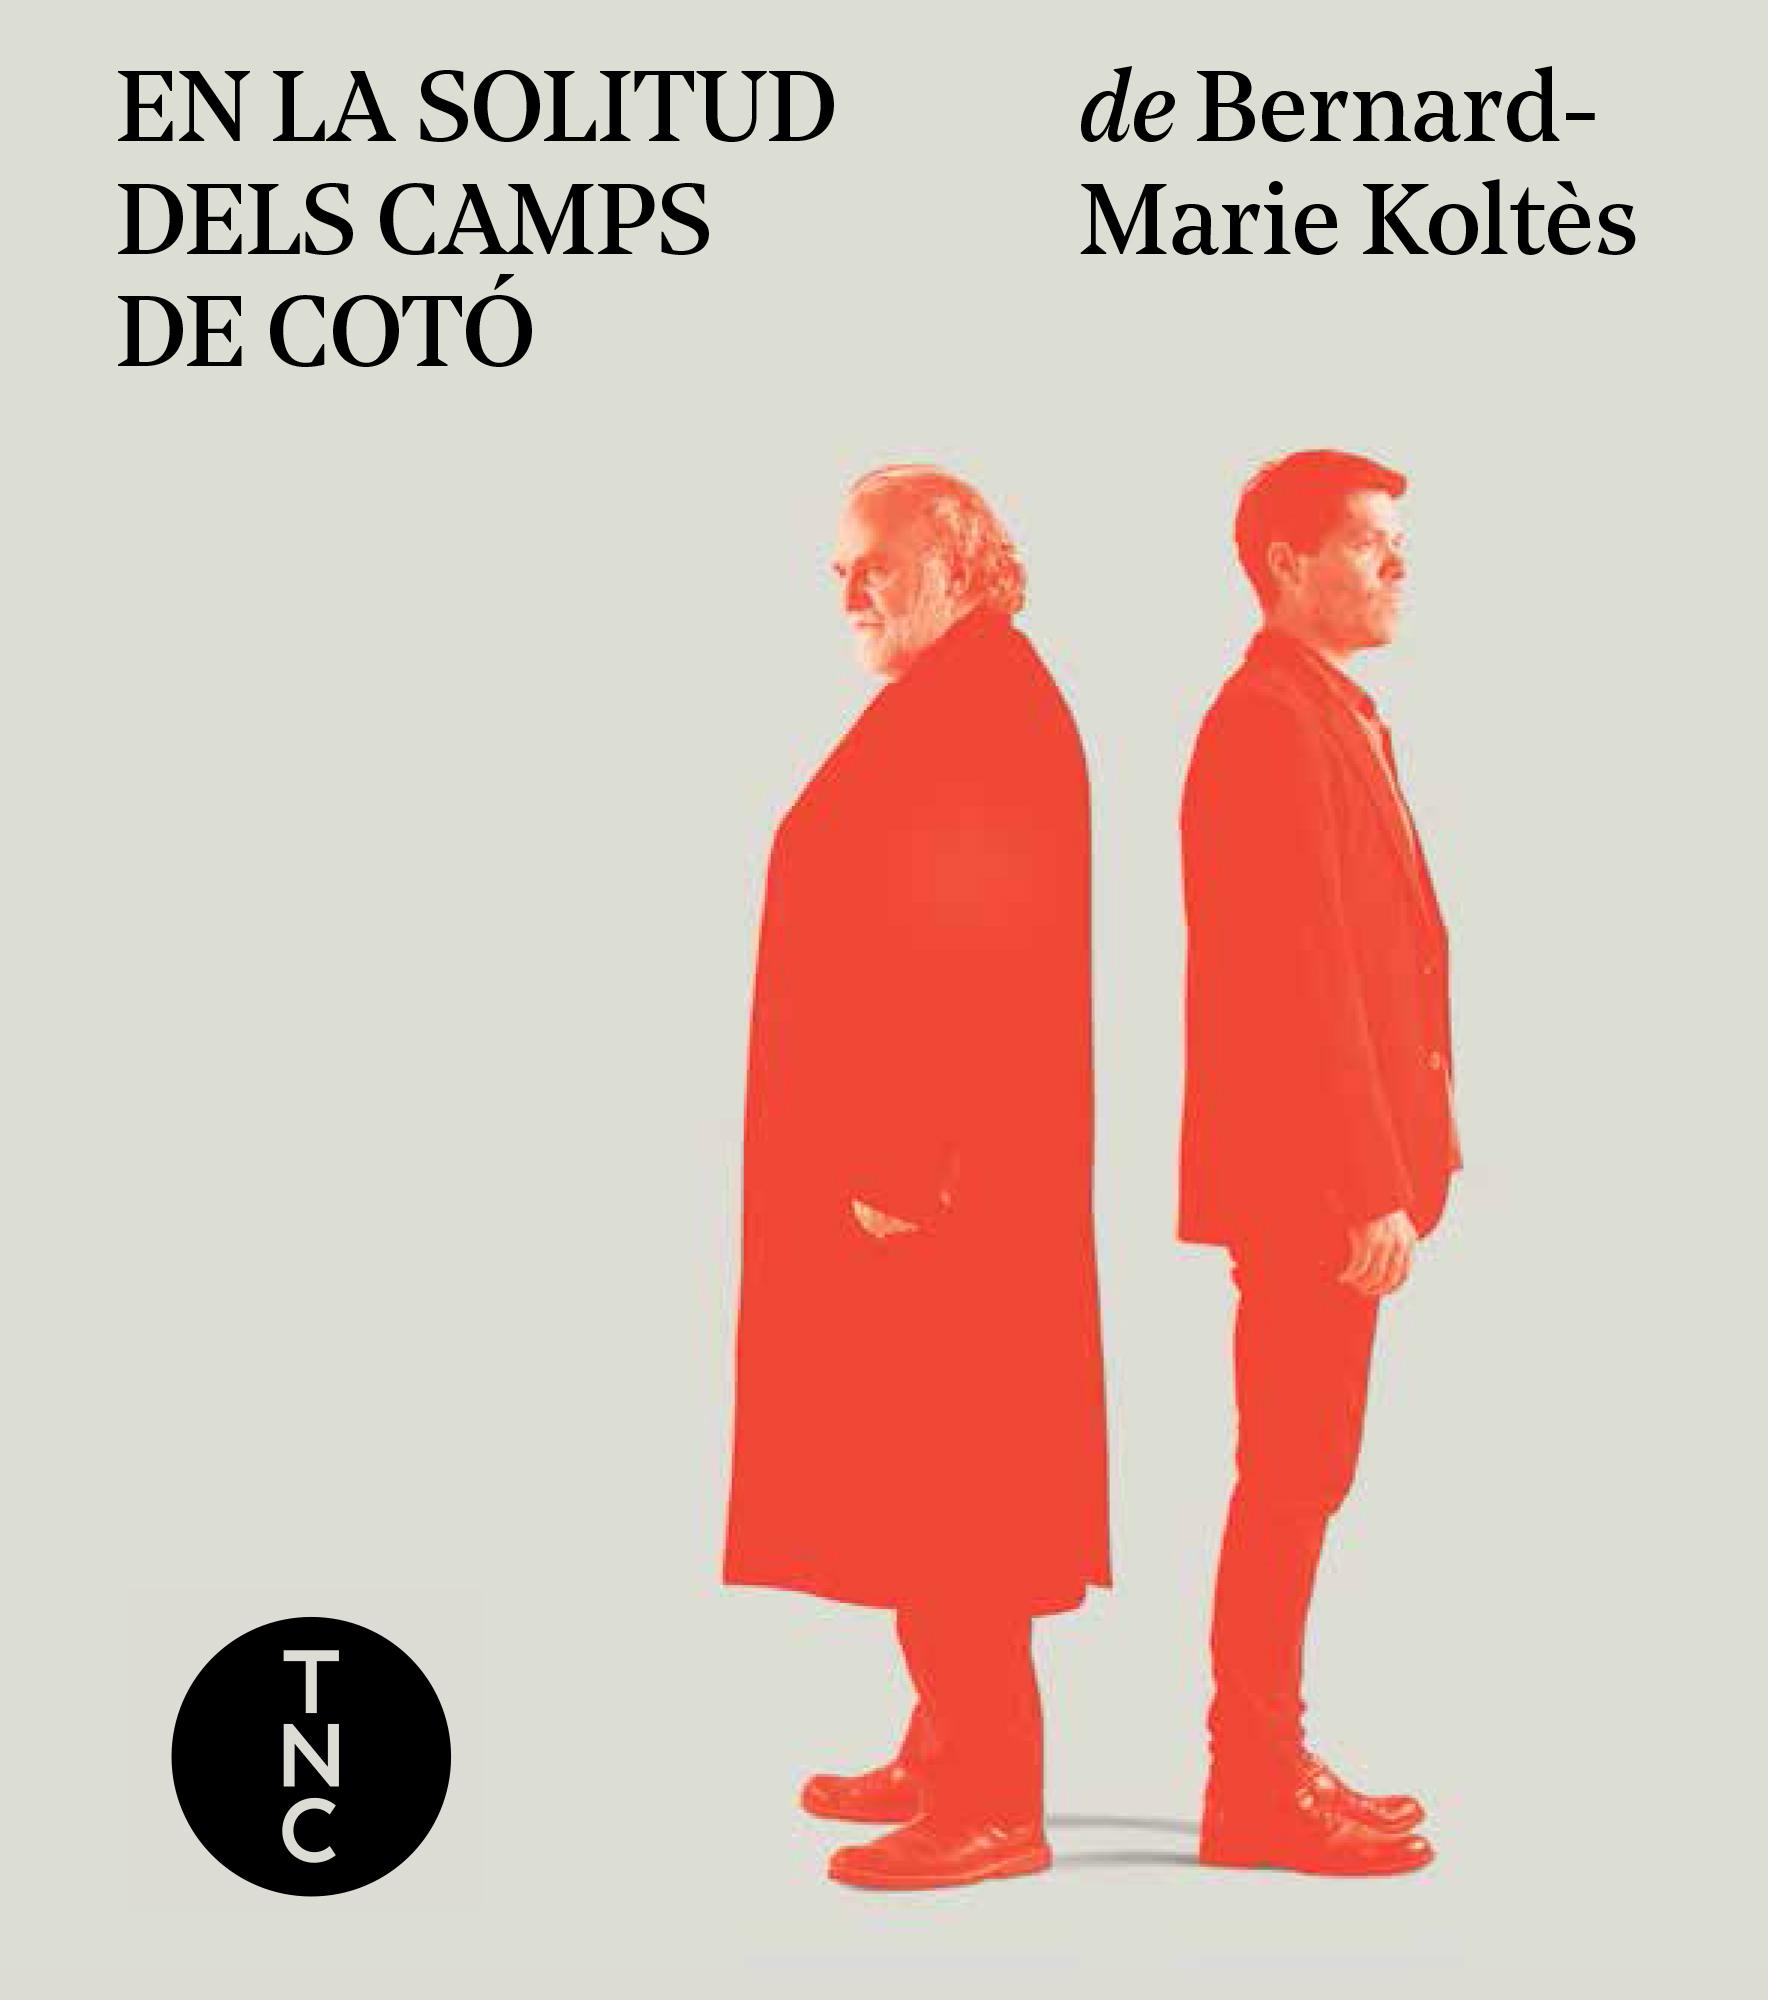 En la solitud dels camps de cotó - Bernard-Marie Koltés